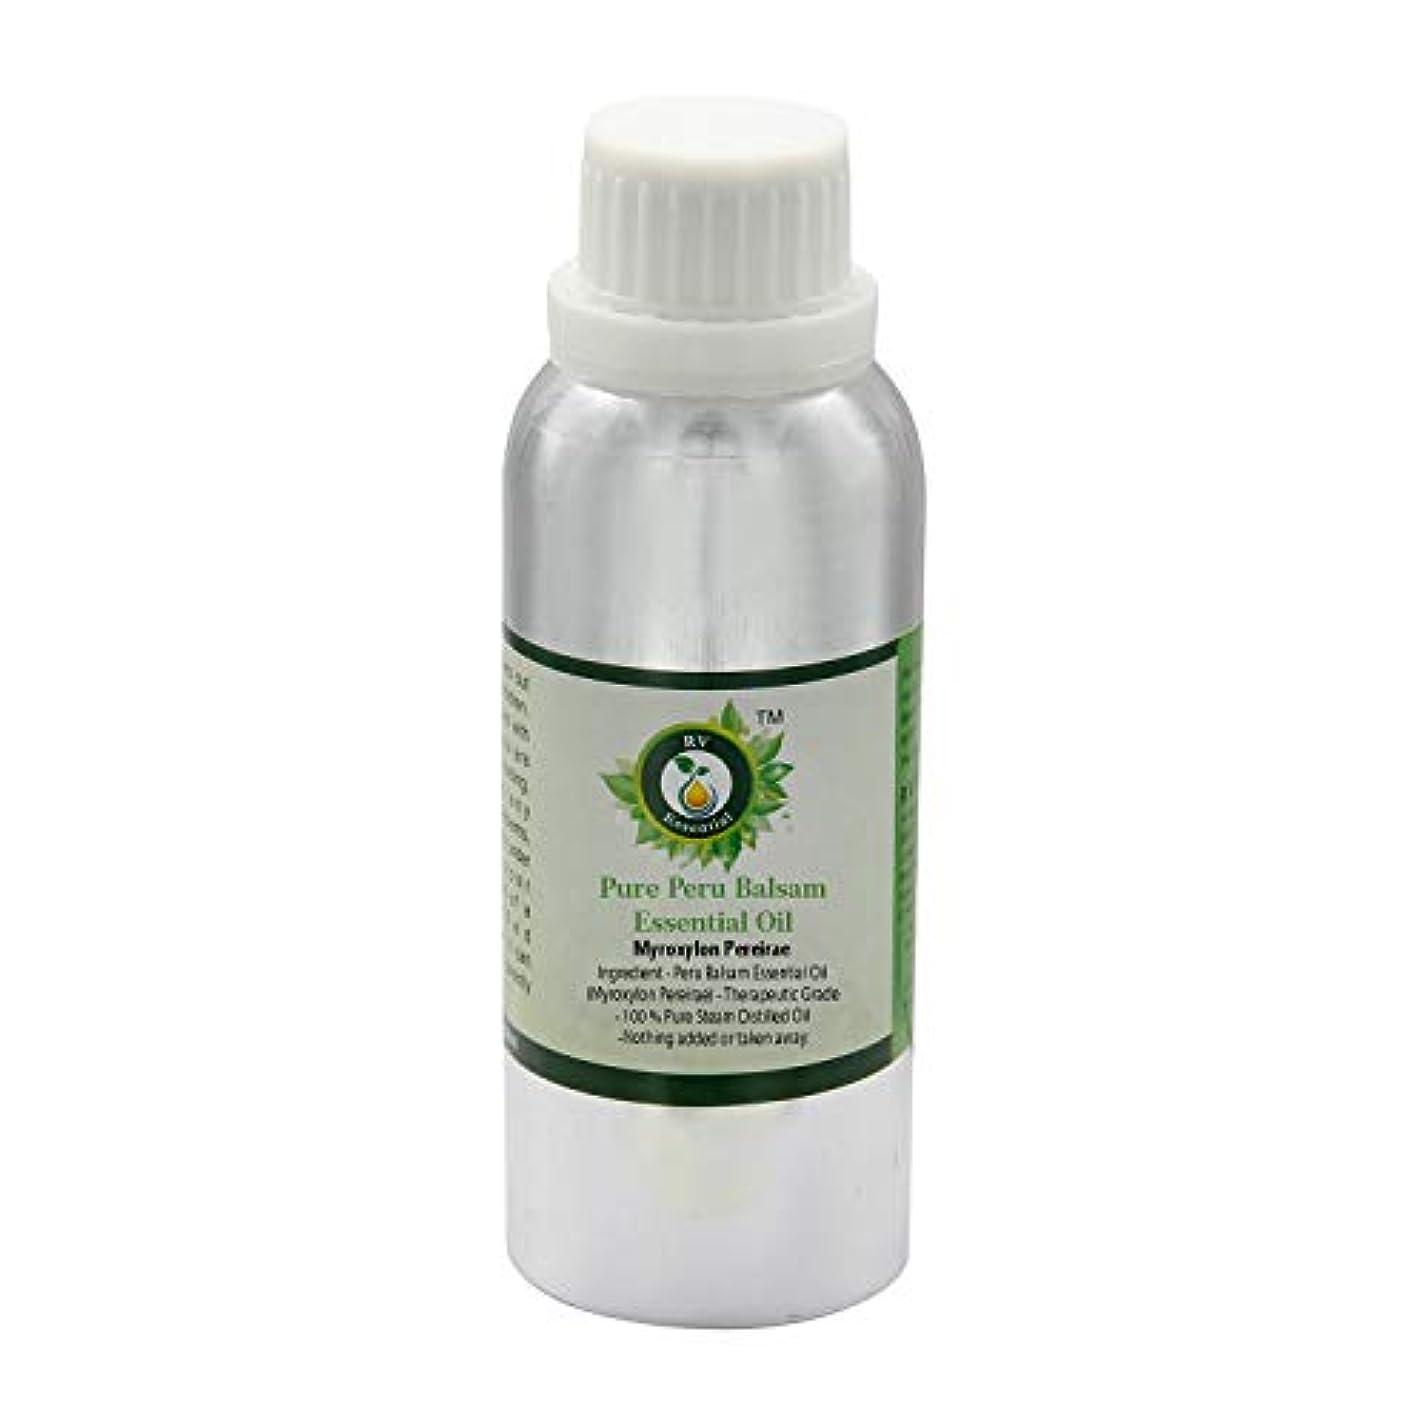 ピュアペルーバルサム?エッセンシャルオイル630ml (21oz)- Myroxylon Pereirae (100%純粋&天然スチームDistilled) Pure Peru Balsam Essential Oil